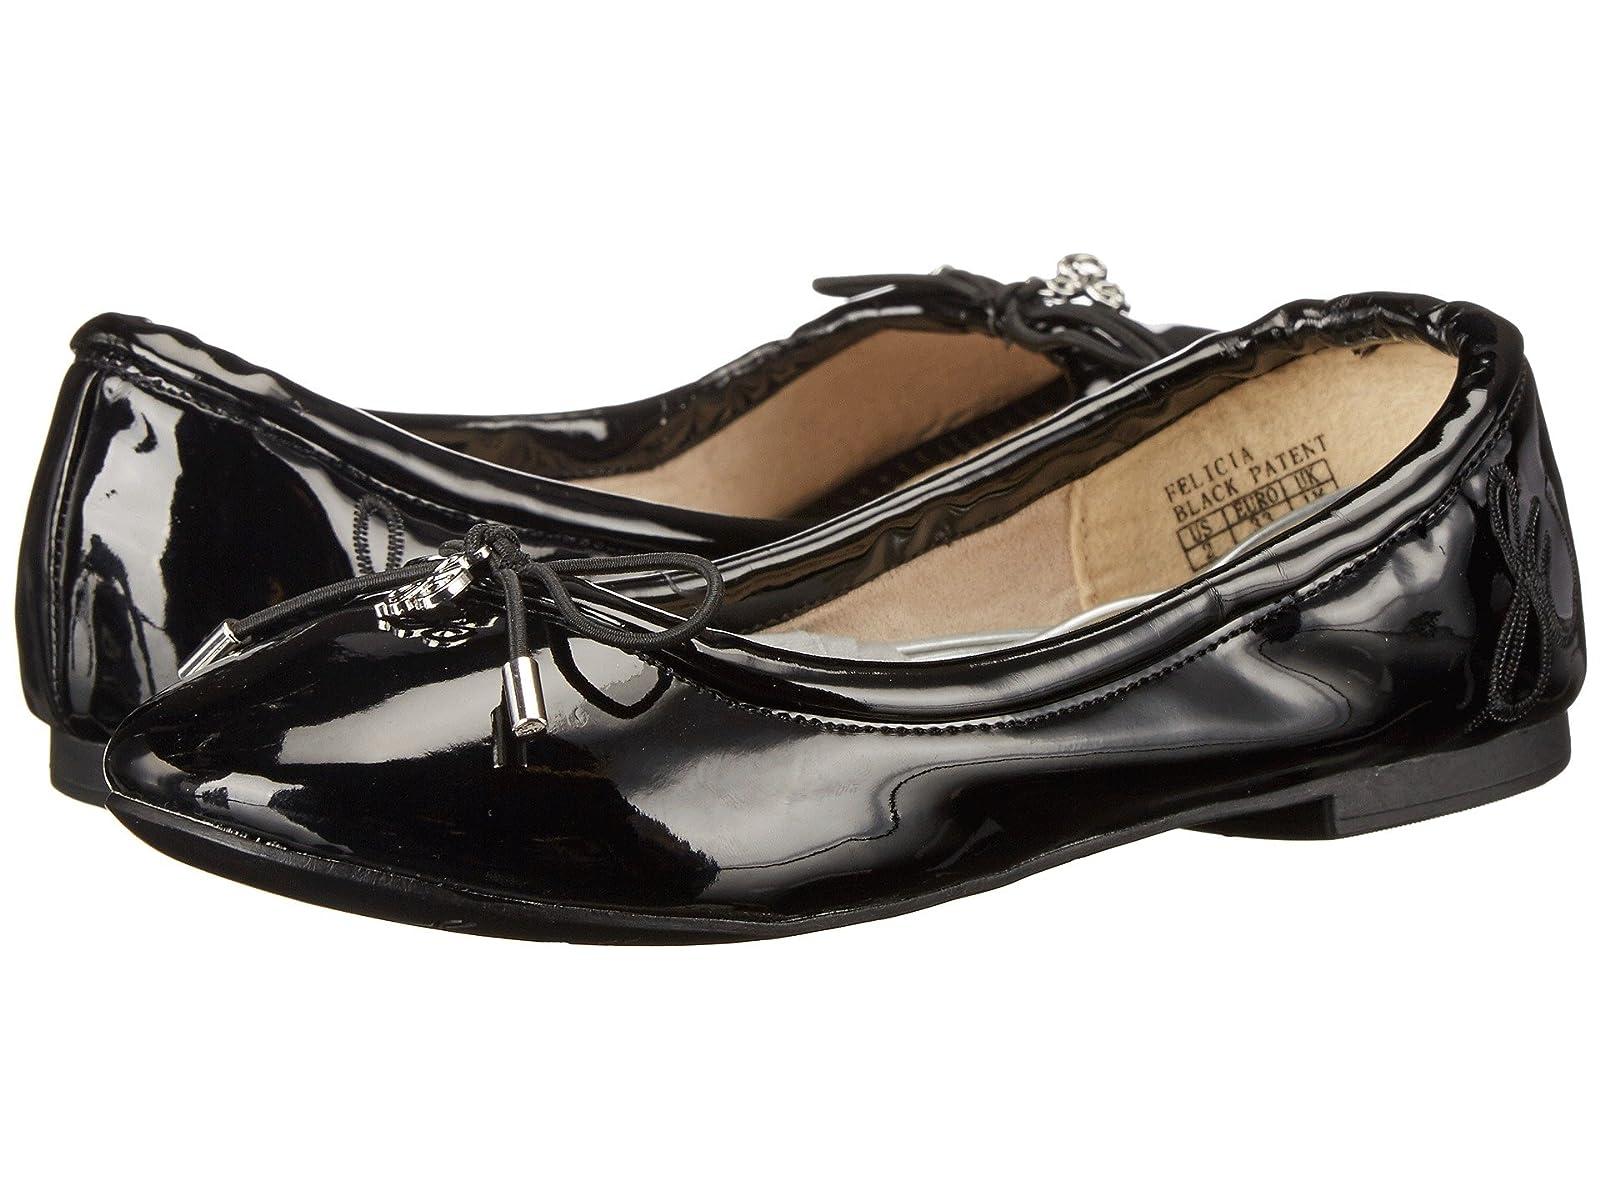 Sam Edelman Kids Felicia Ballet (Little Kid/Big Kid)Atmospheric grades have affordable shoes